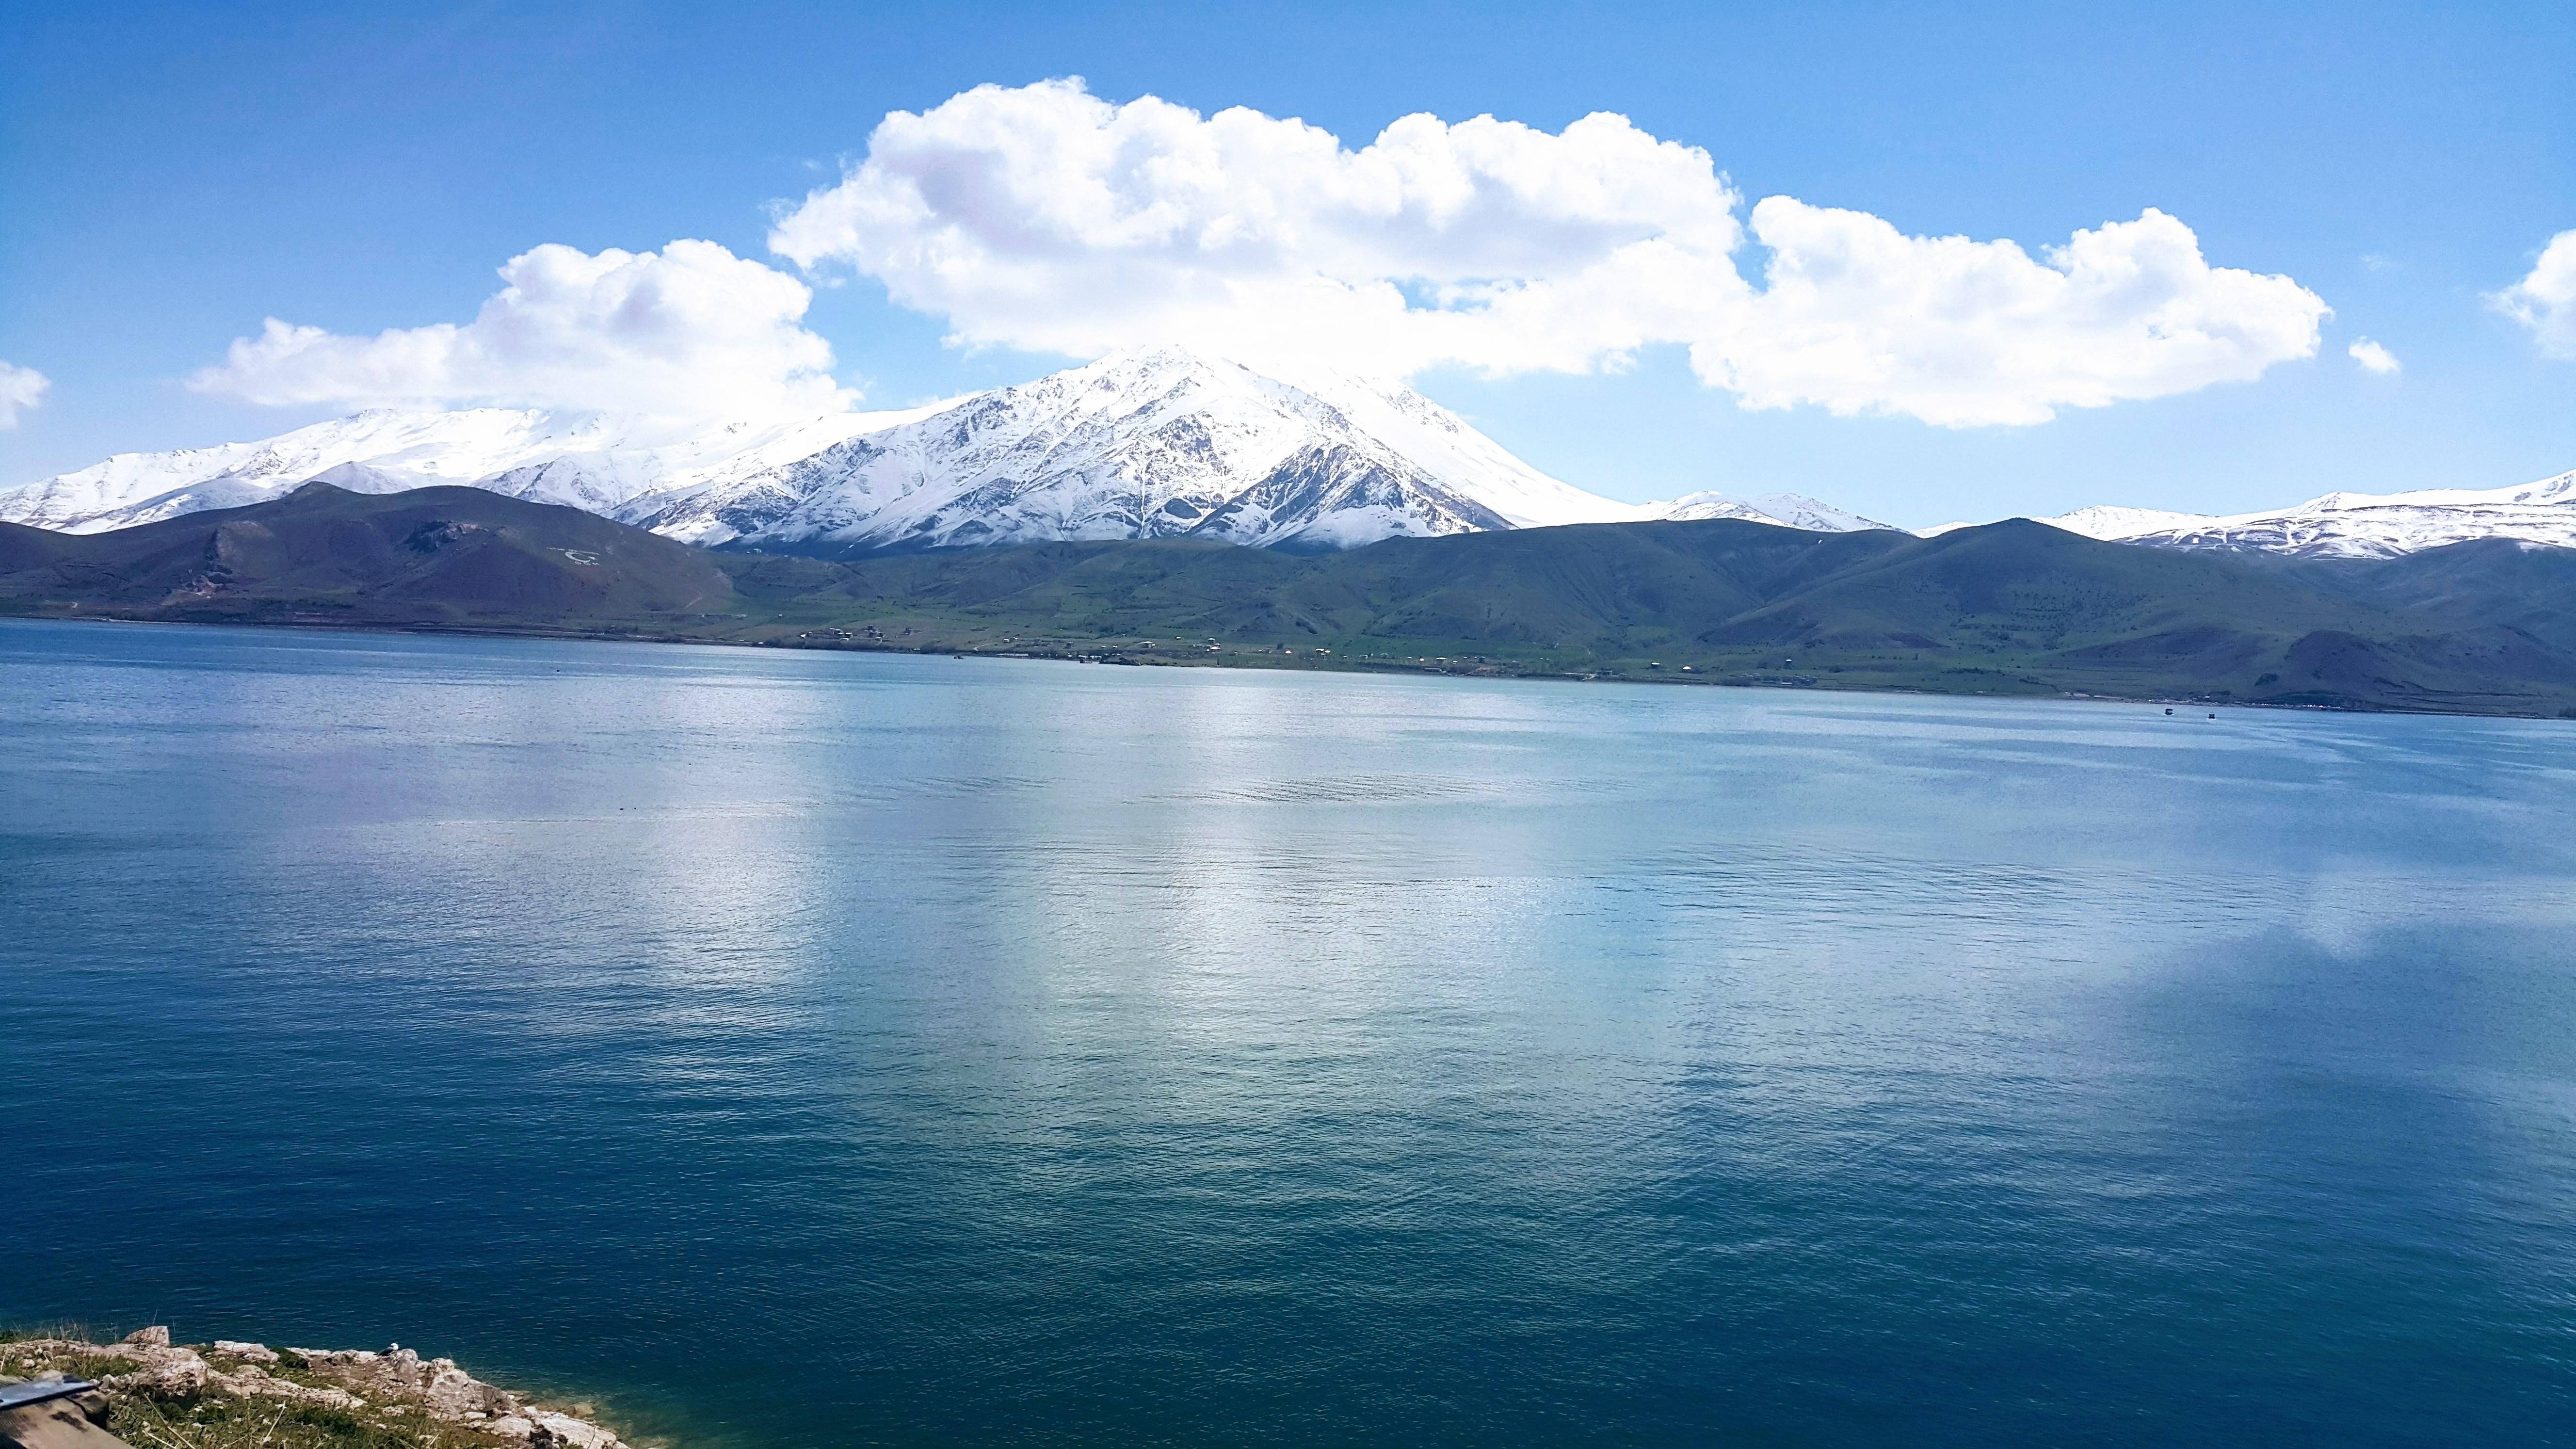 Türkiye'nin En Büyük Gölü, Van Gölü